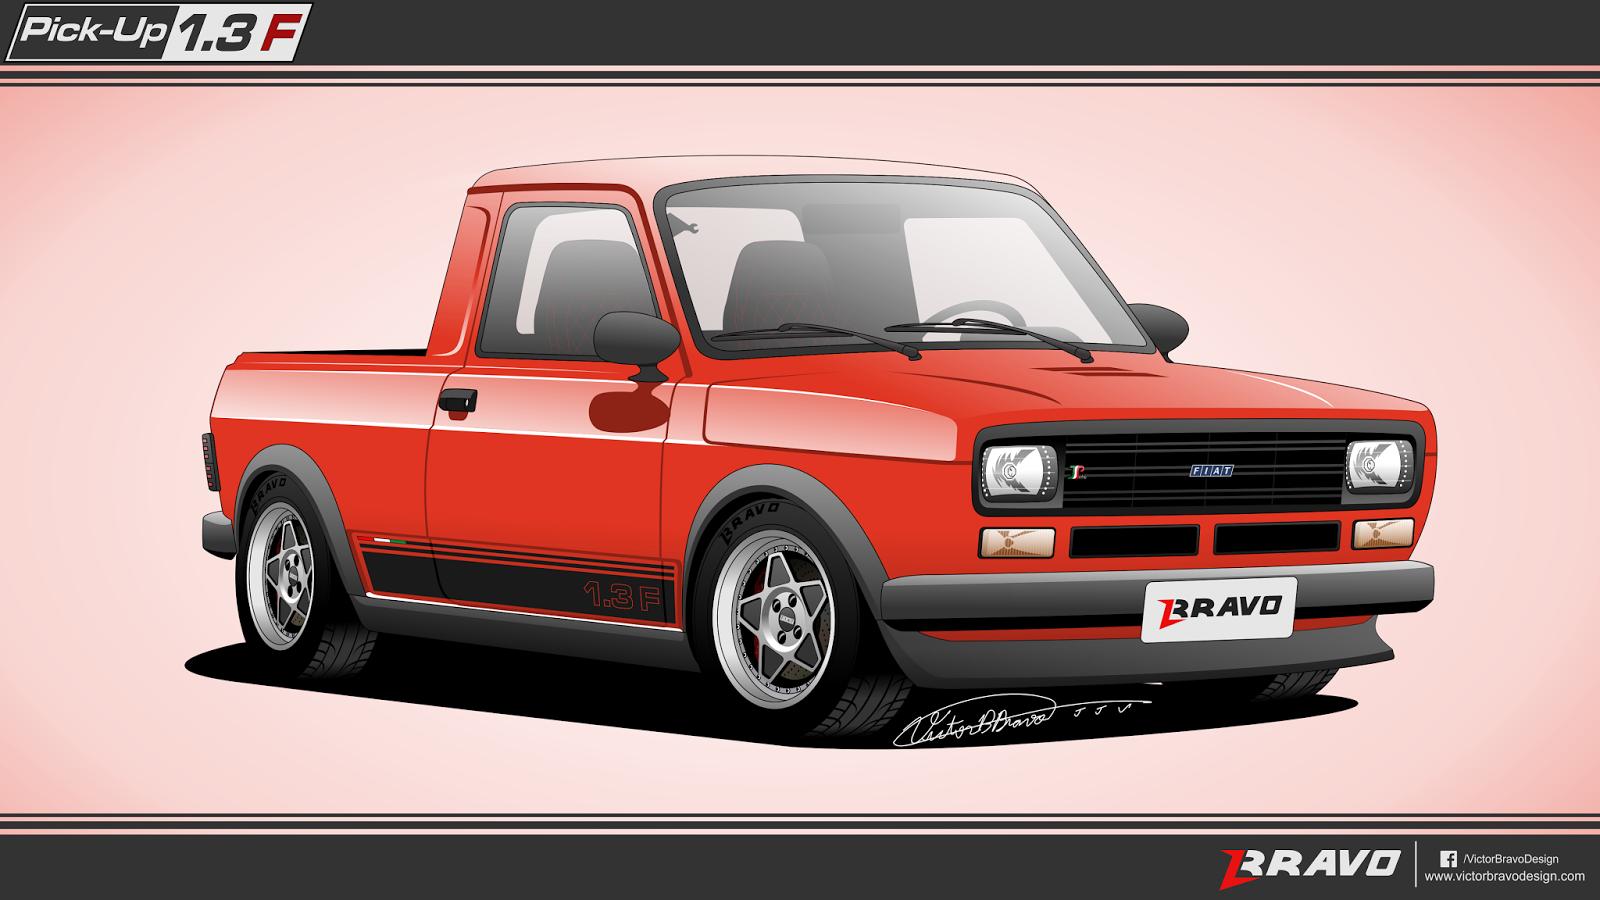 """Imagem mostrando o desenho da dianteira da Fiat Pick-Up 147 """"1.3F"""""""